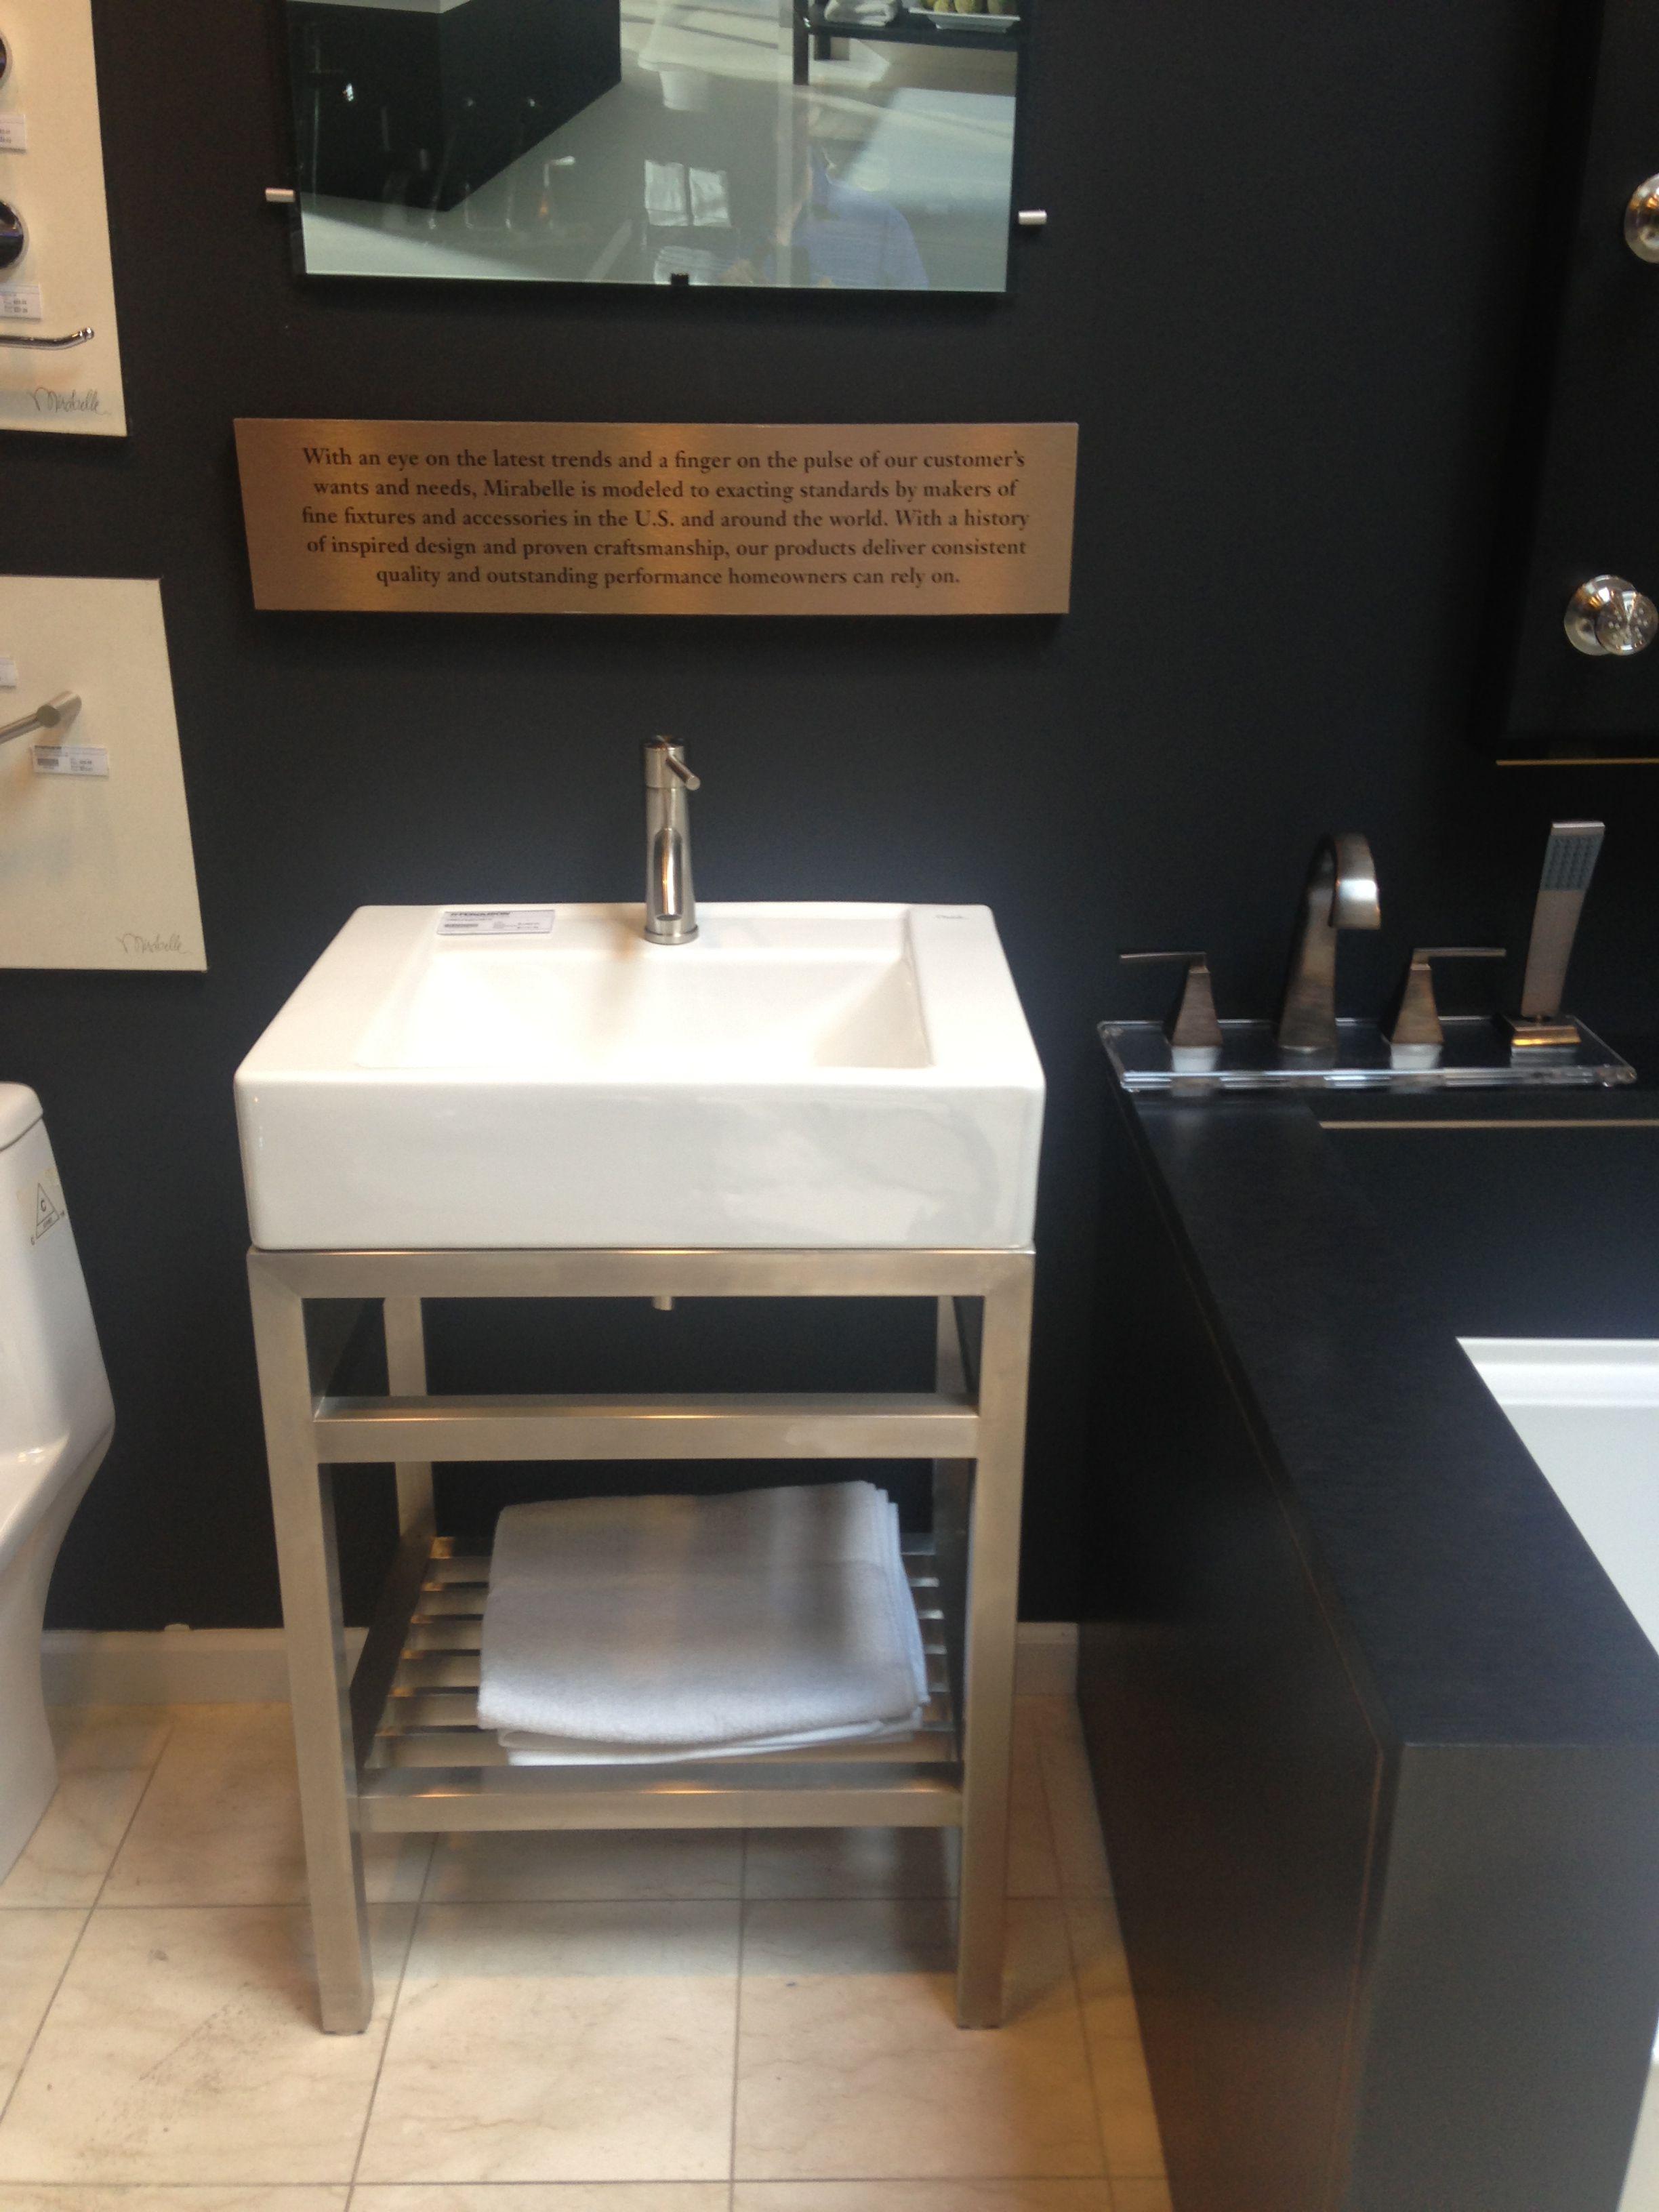 Bathroom Sink With Stand Mirabelle Bathroom Vanity Bathroom Sink